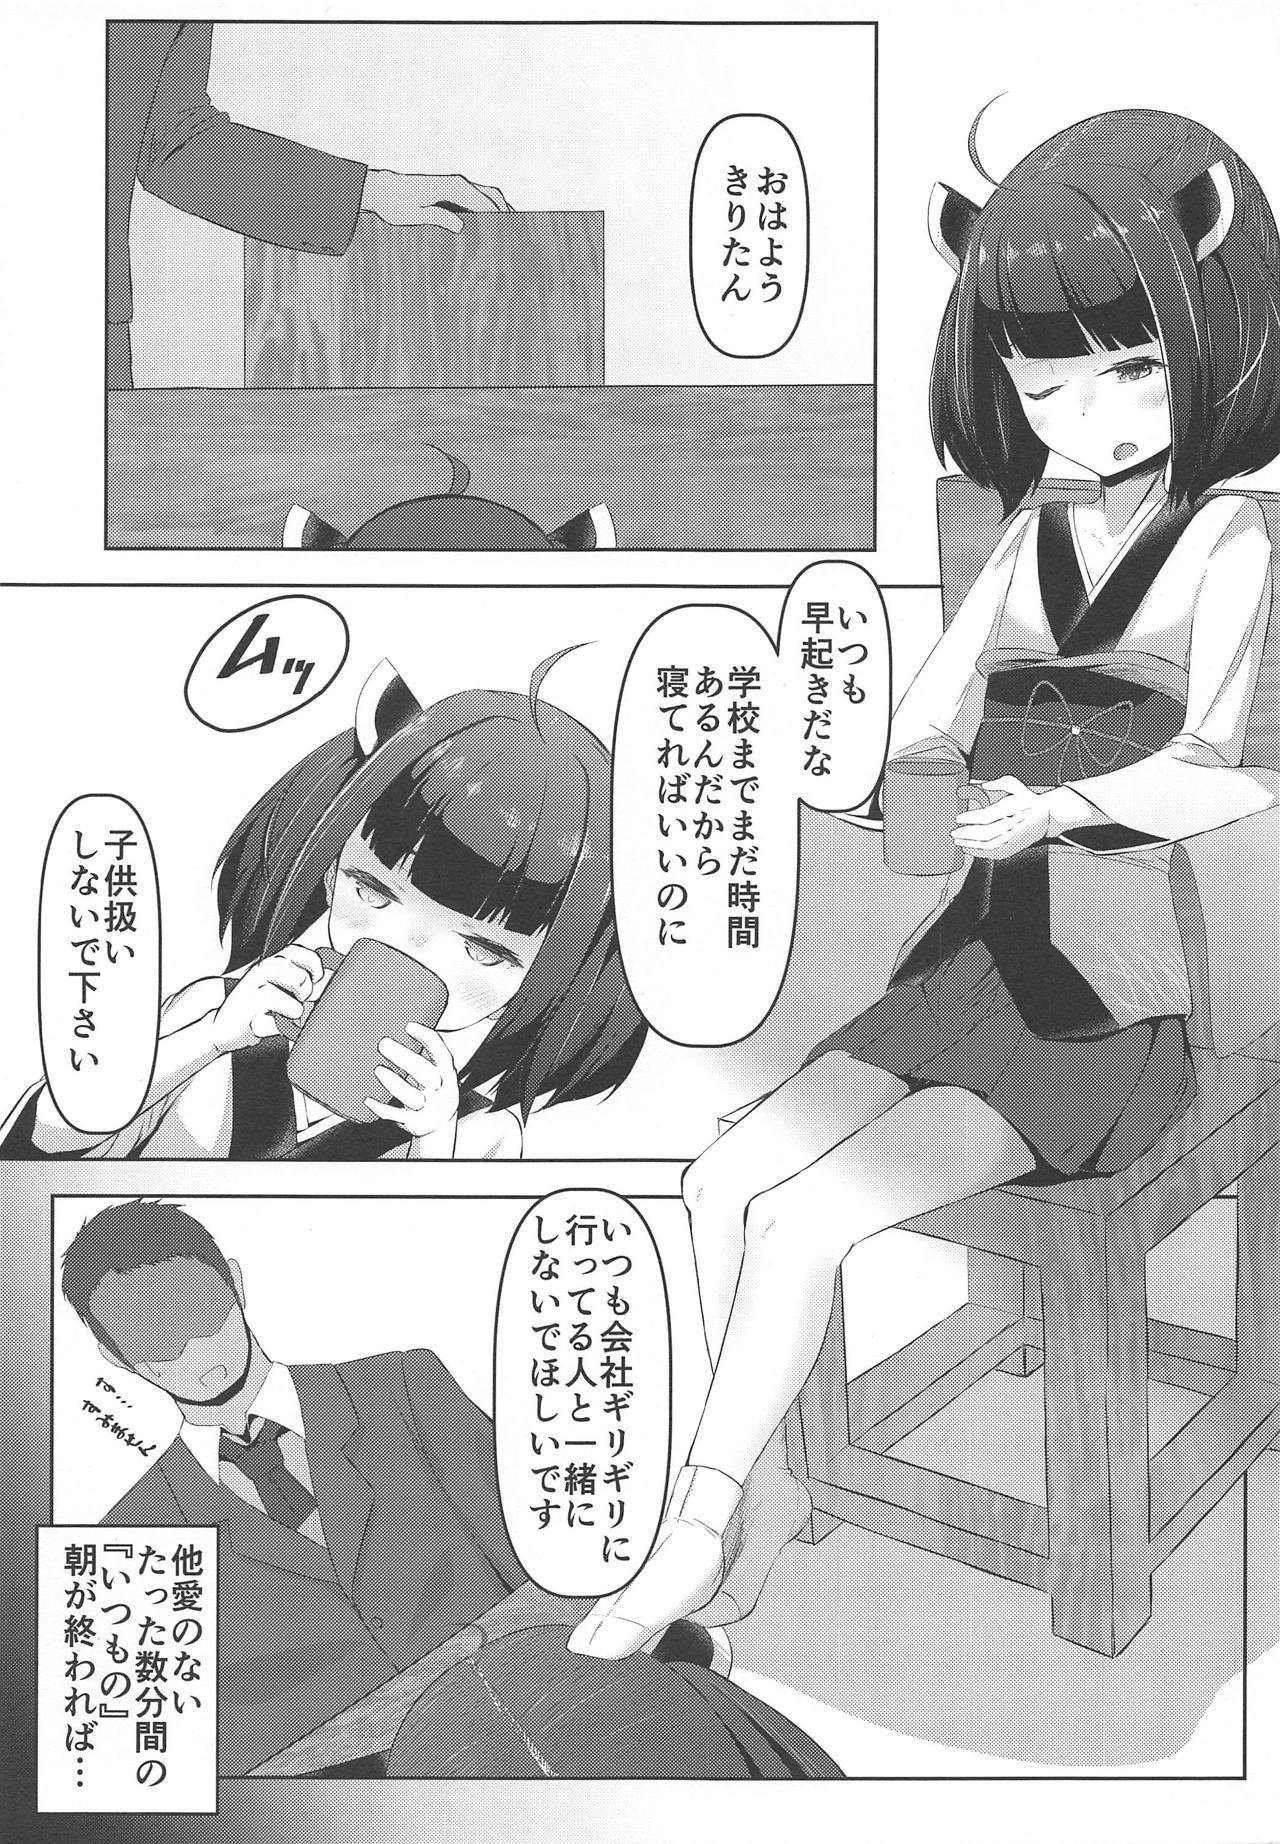 Itsumo no Naka ni Aru Nichijou 1